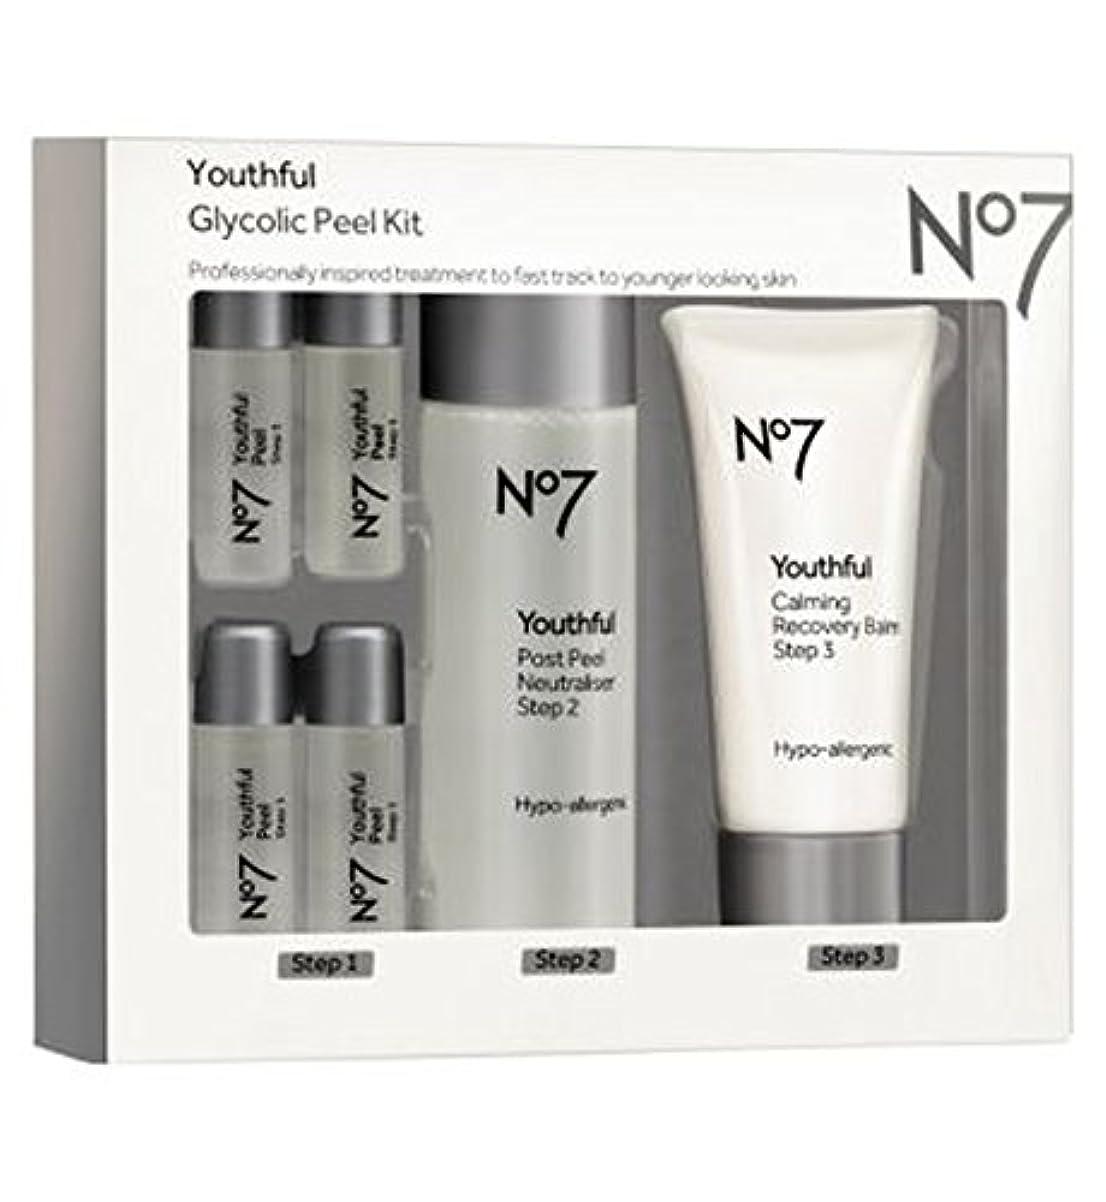 コイル代数的ものNo7 Youthful Glycolic Peel Kit - No7若々しいグリコールピールキット (No7) [並行輸入品]